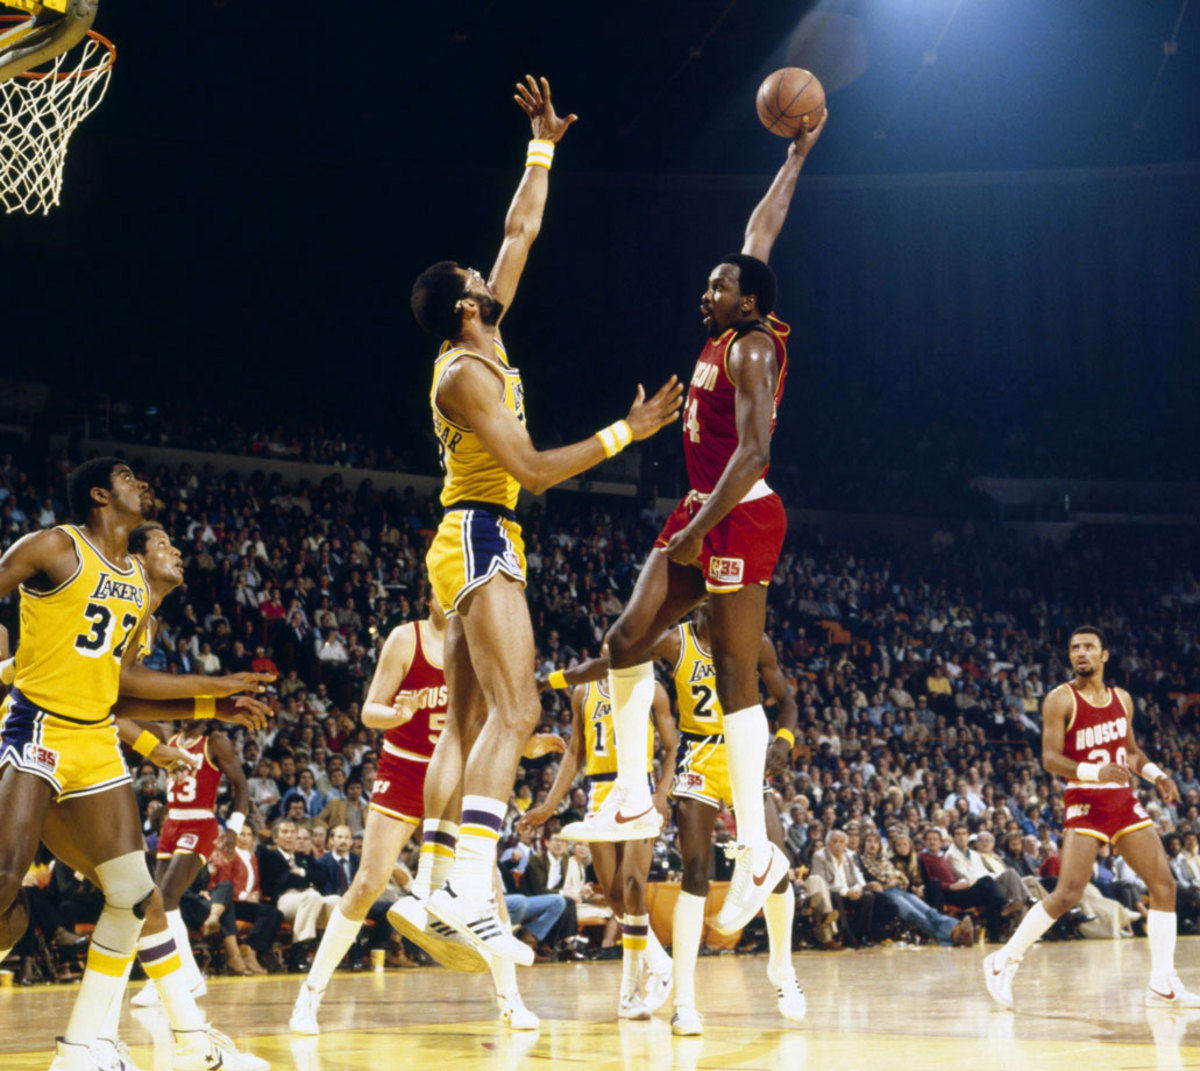 1981-Moses-Malone-Kareem-Abdul-Jabbar-080100595.jpg